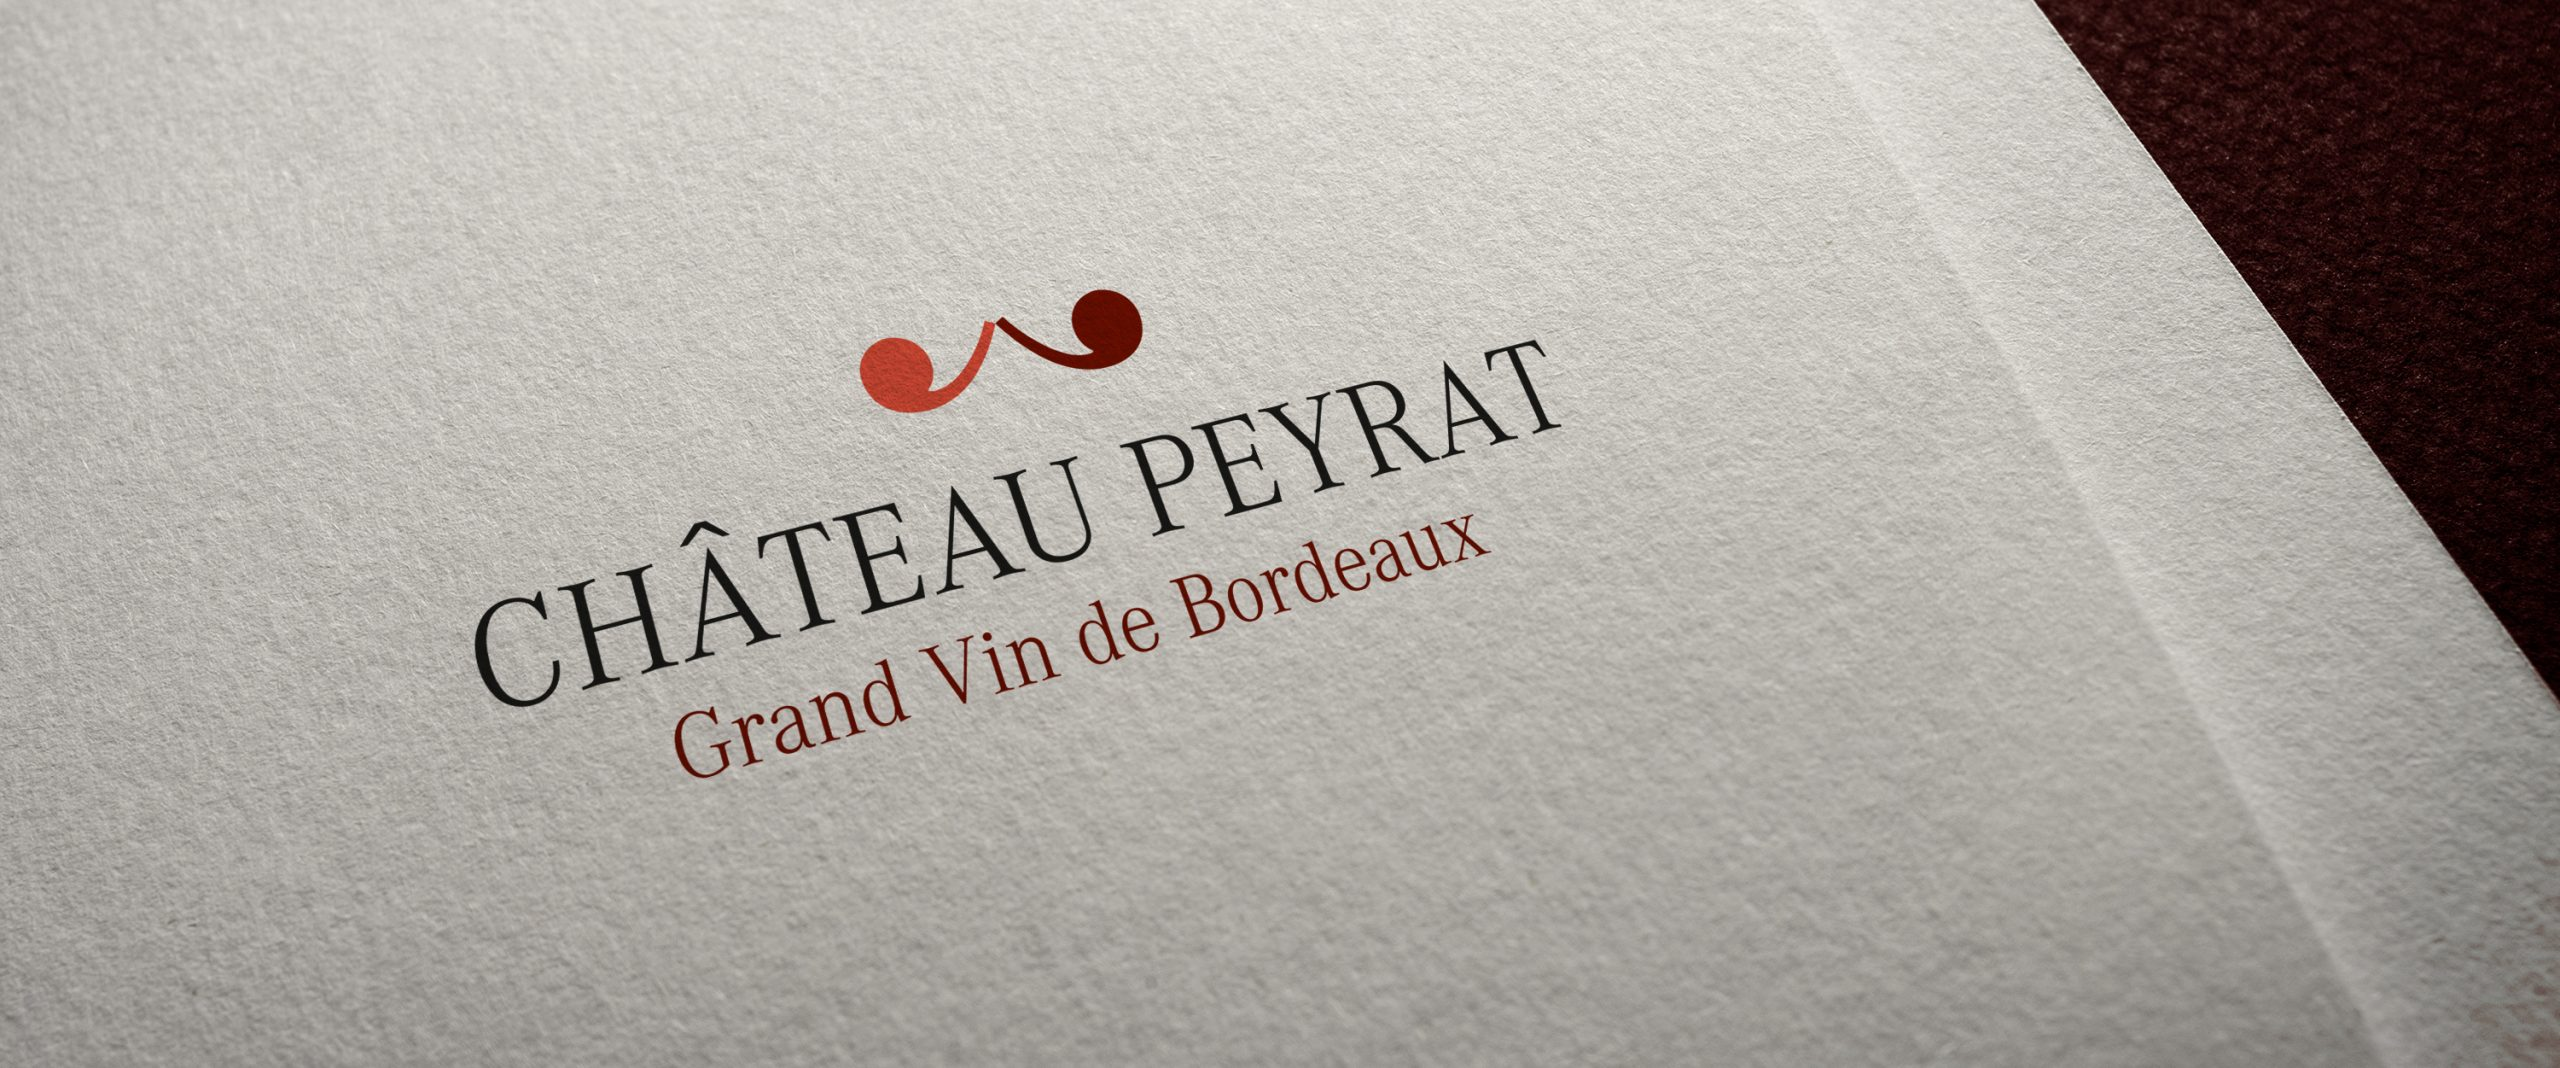 Chateau Peyrat Logo Vignoble Vin